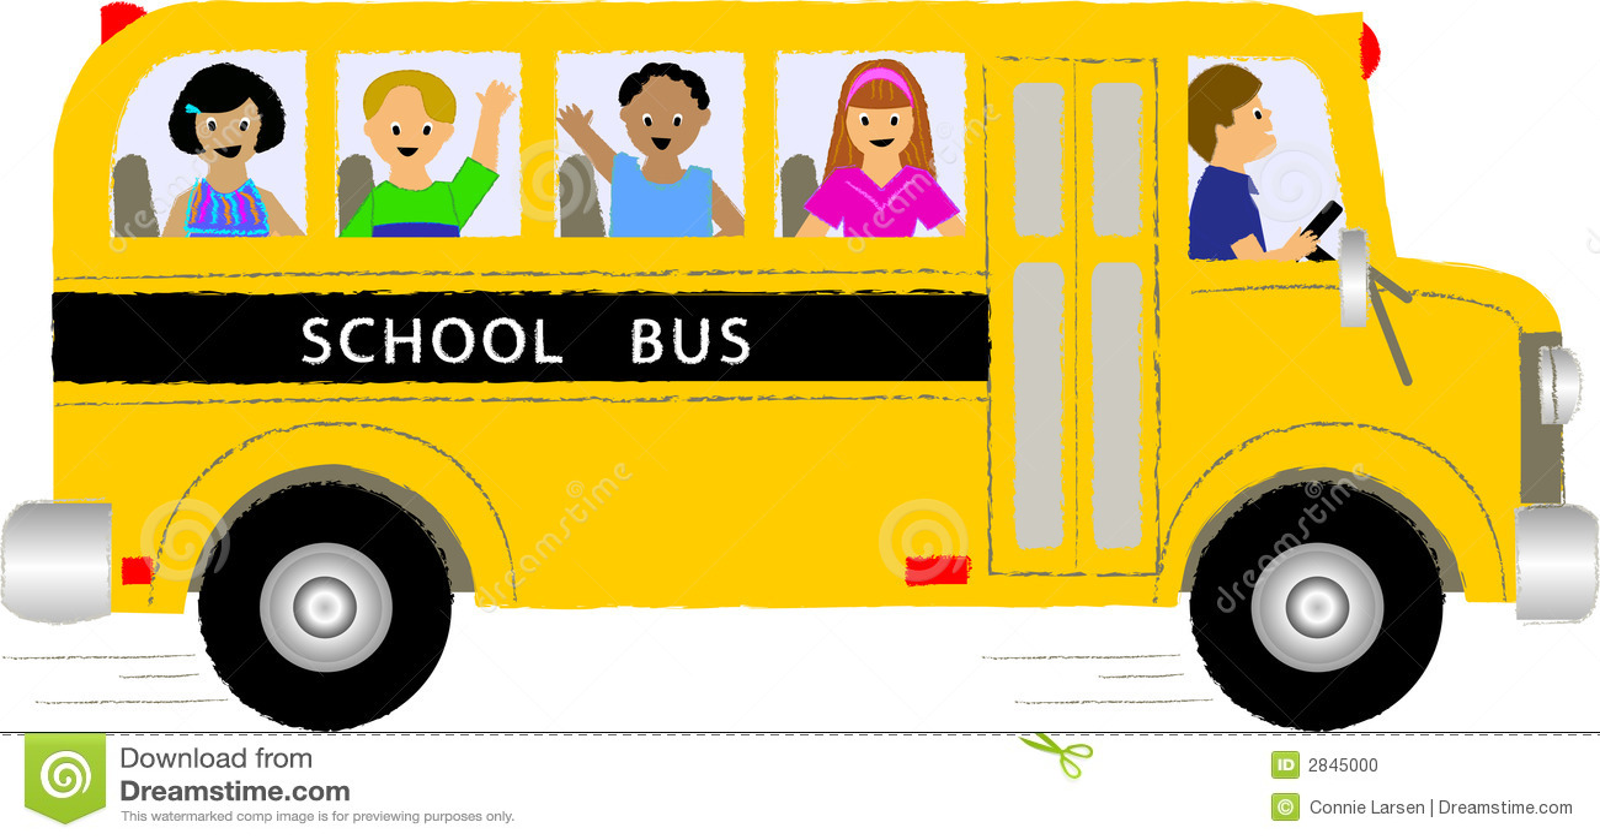 Bambini dello scuolabus